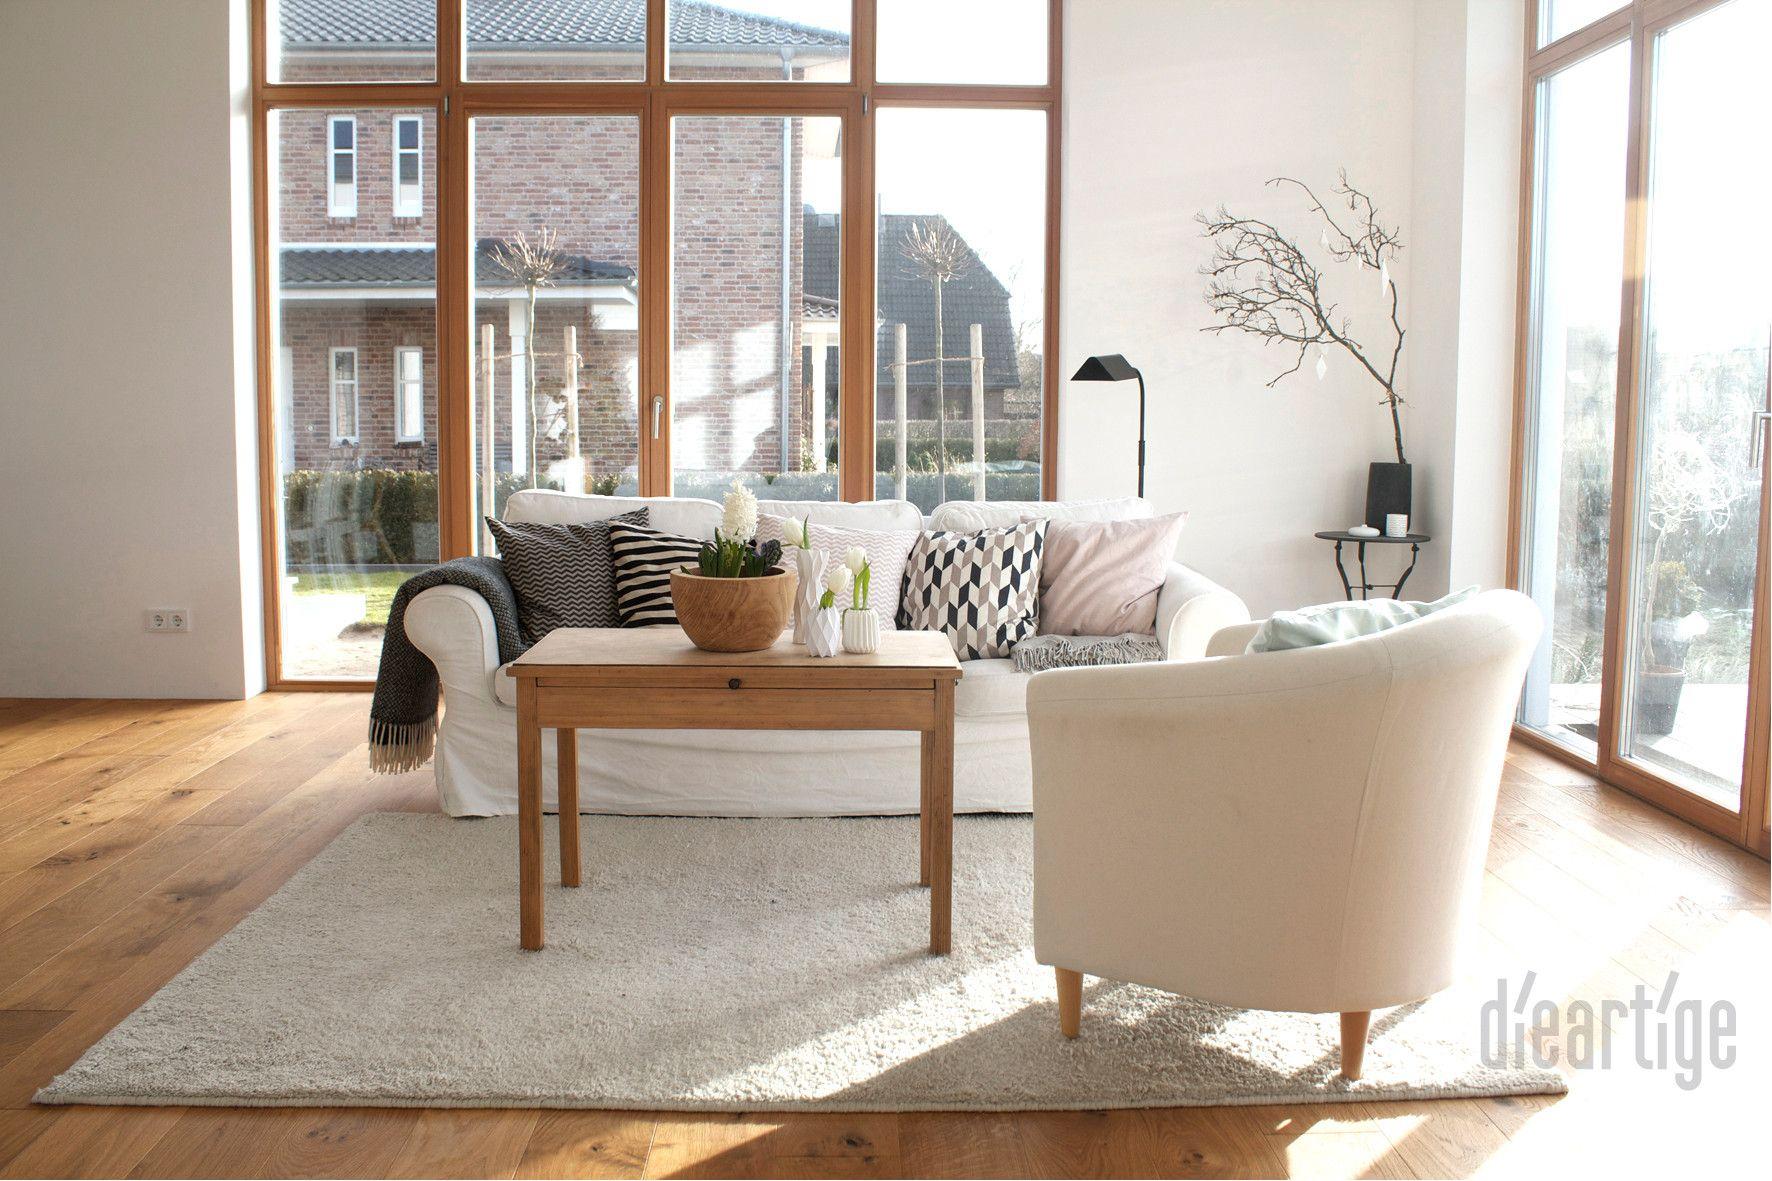 Modernes bungalow innenarchitektur wohnzimmer dieartigeblog  wohnzimmer in weiß rose grau und schwarz raumhohe